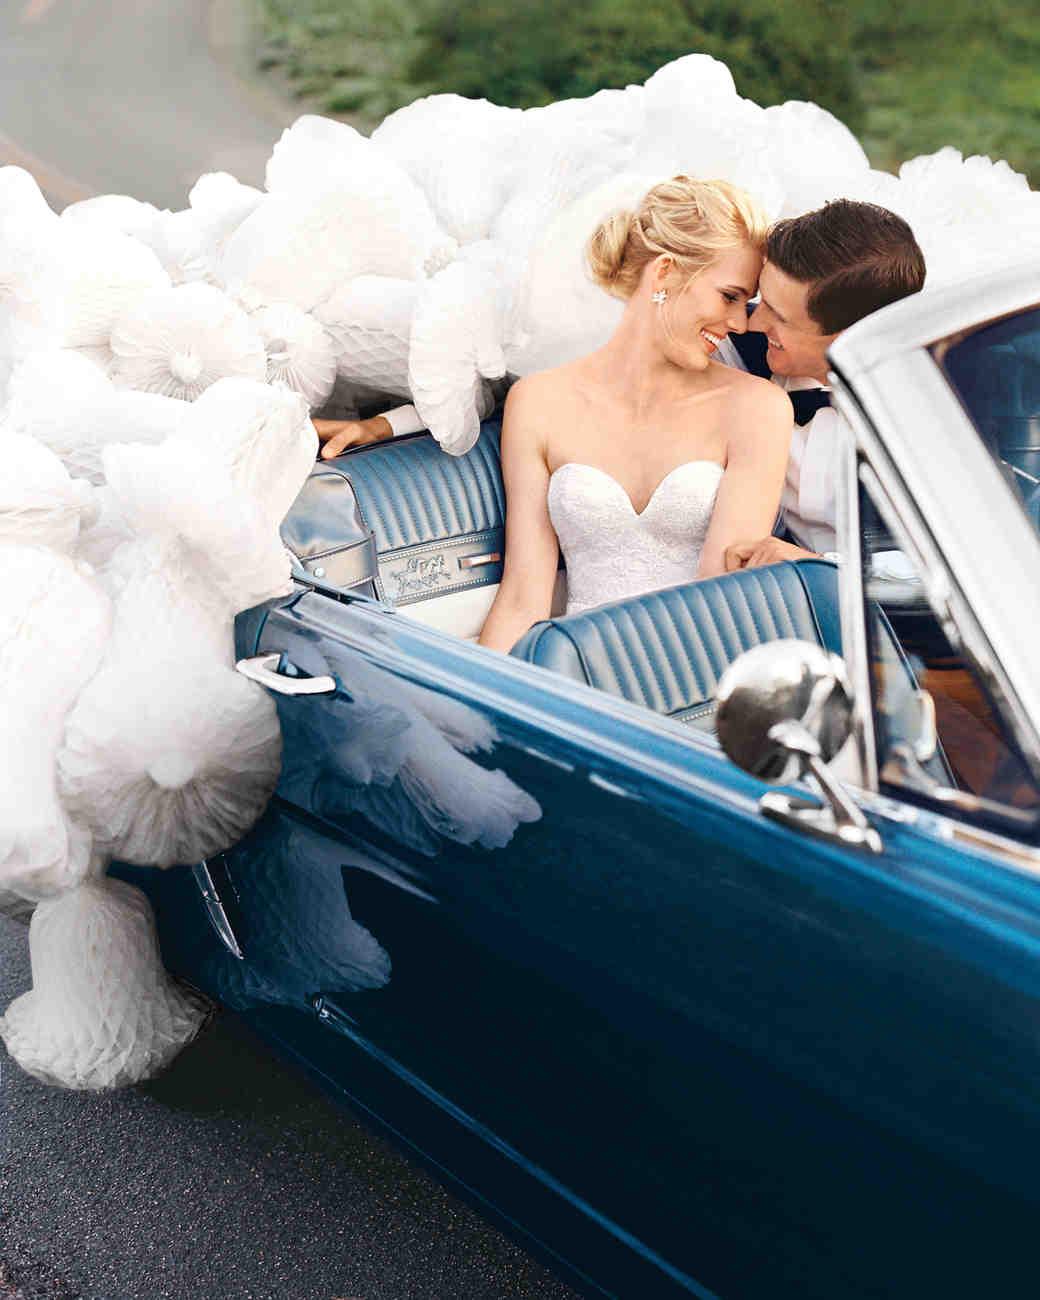 brooke-shea-wedding-messy-bun-450-d111277.jpg